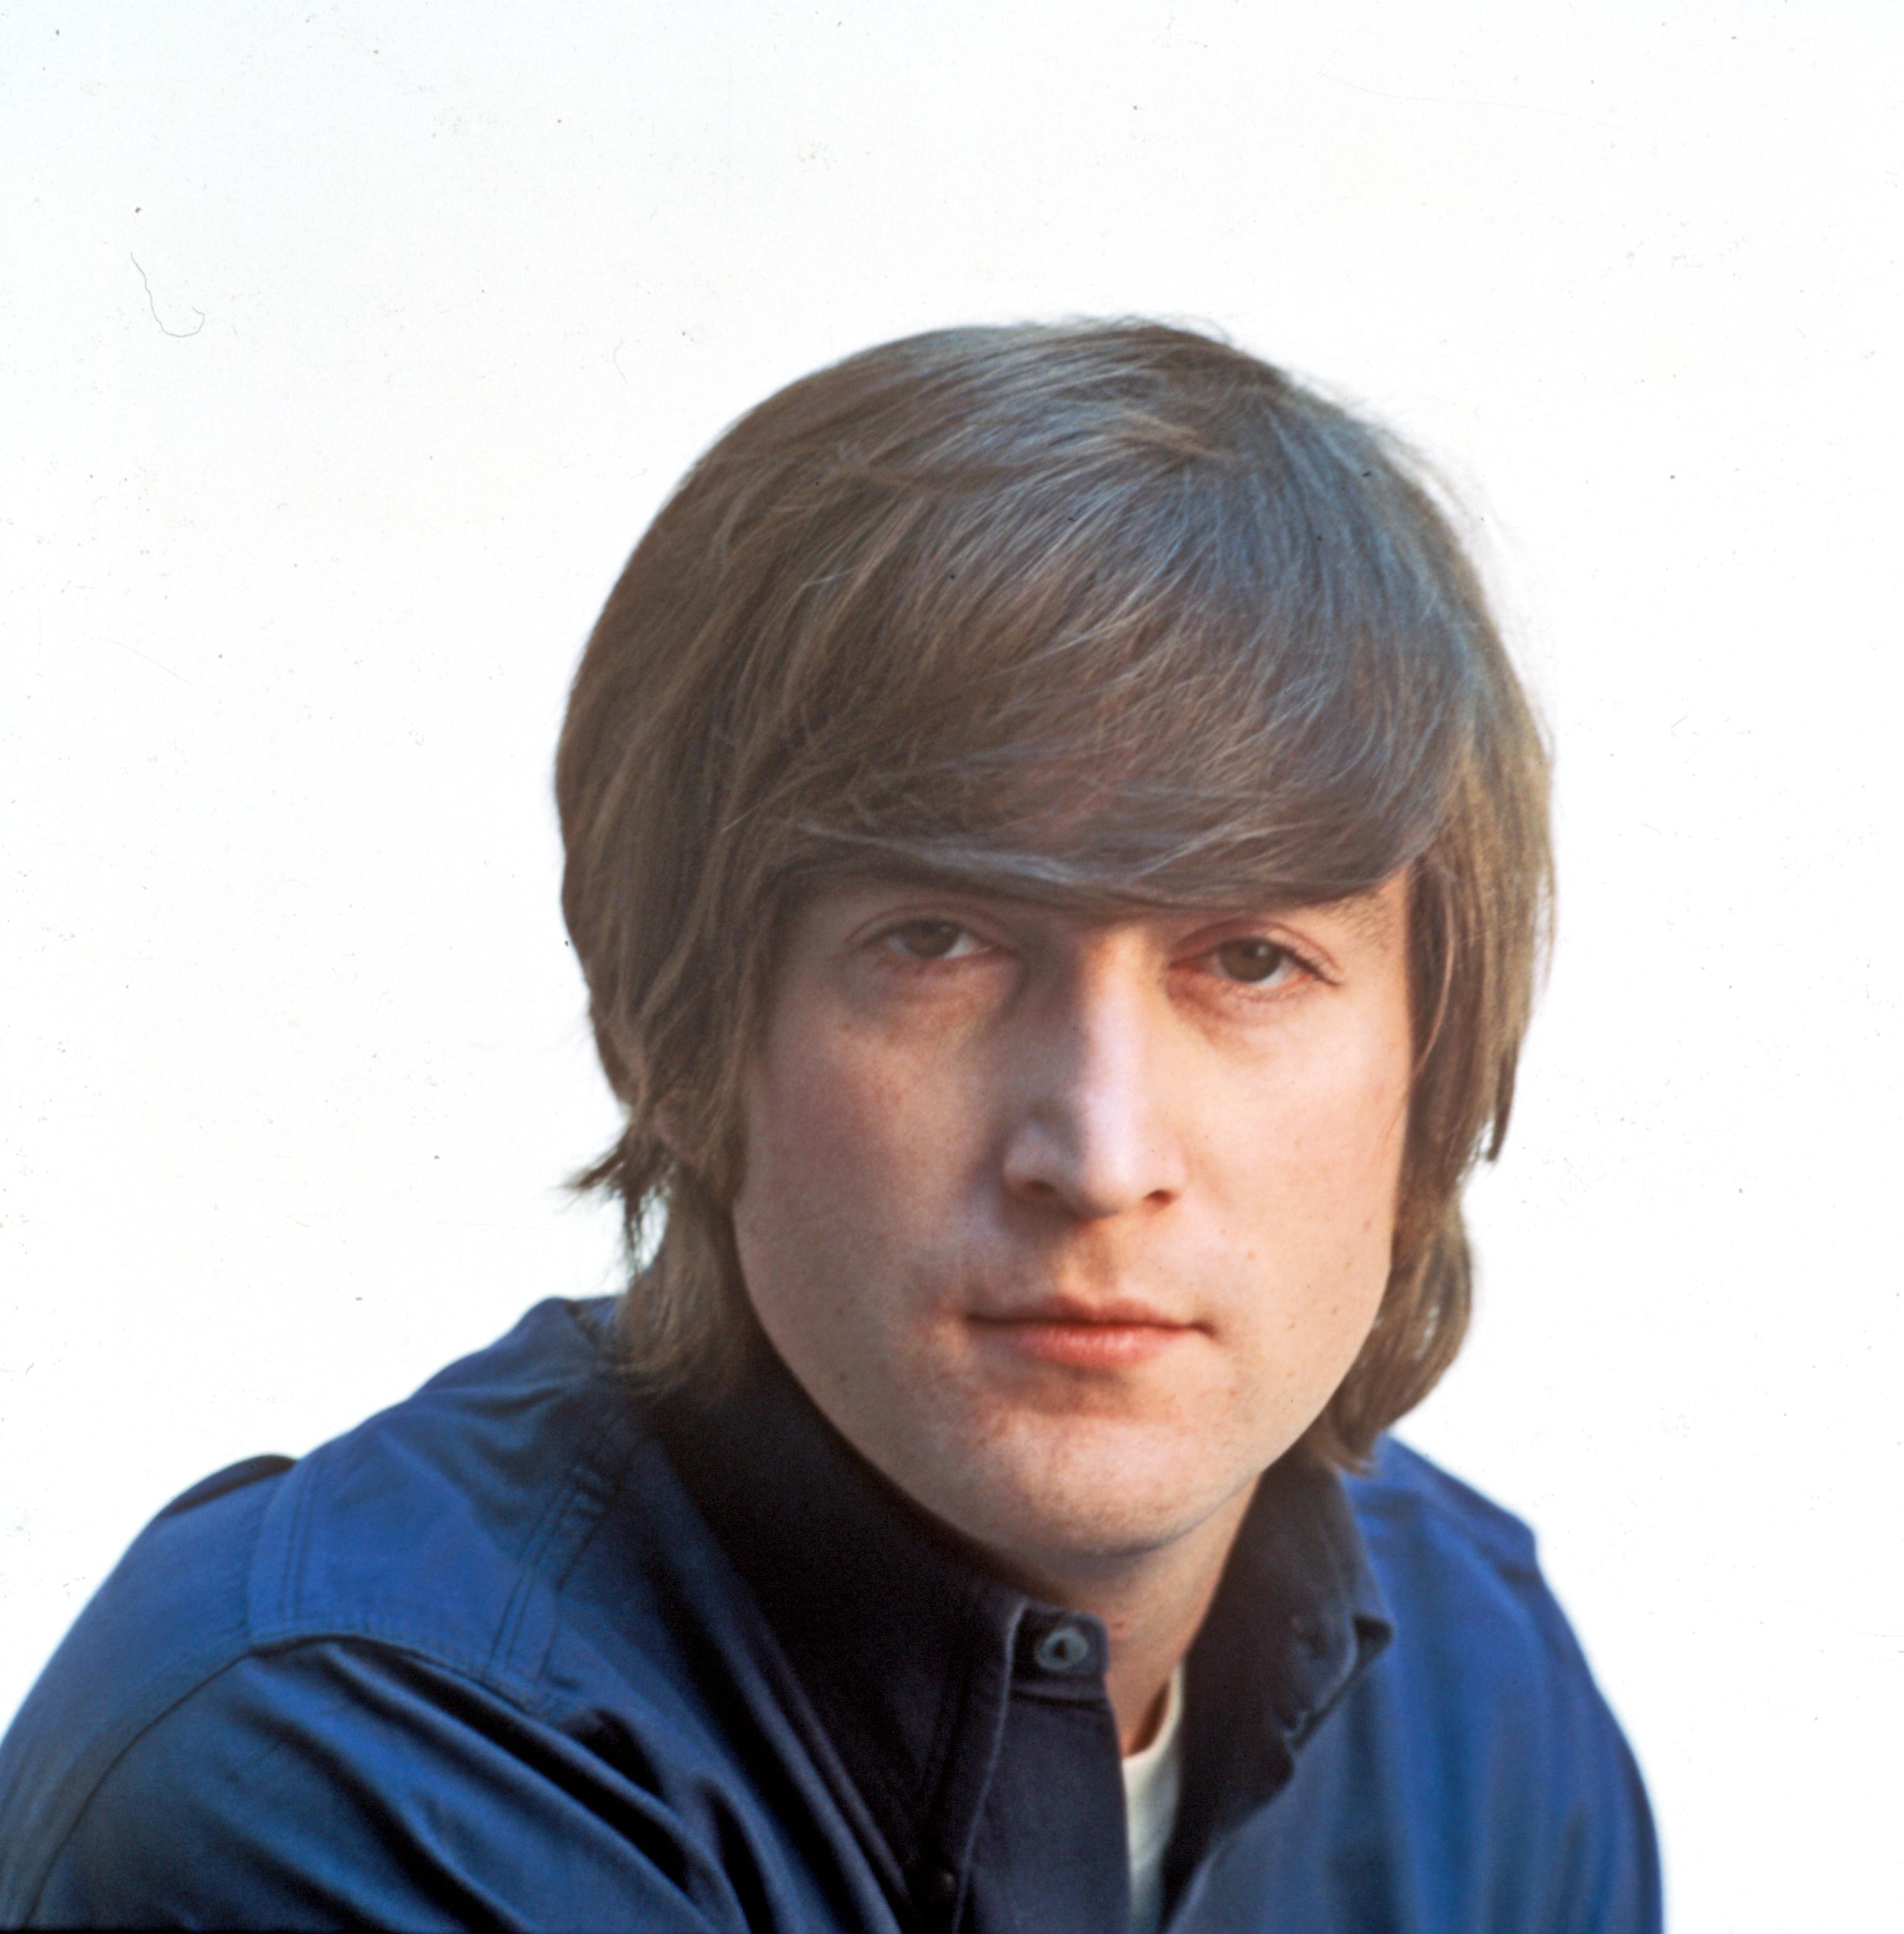 John Lennon's 'Paperback Writer' Guitar Going to Auction